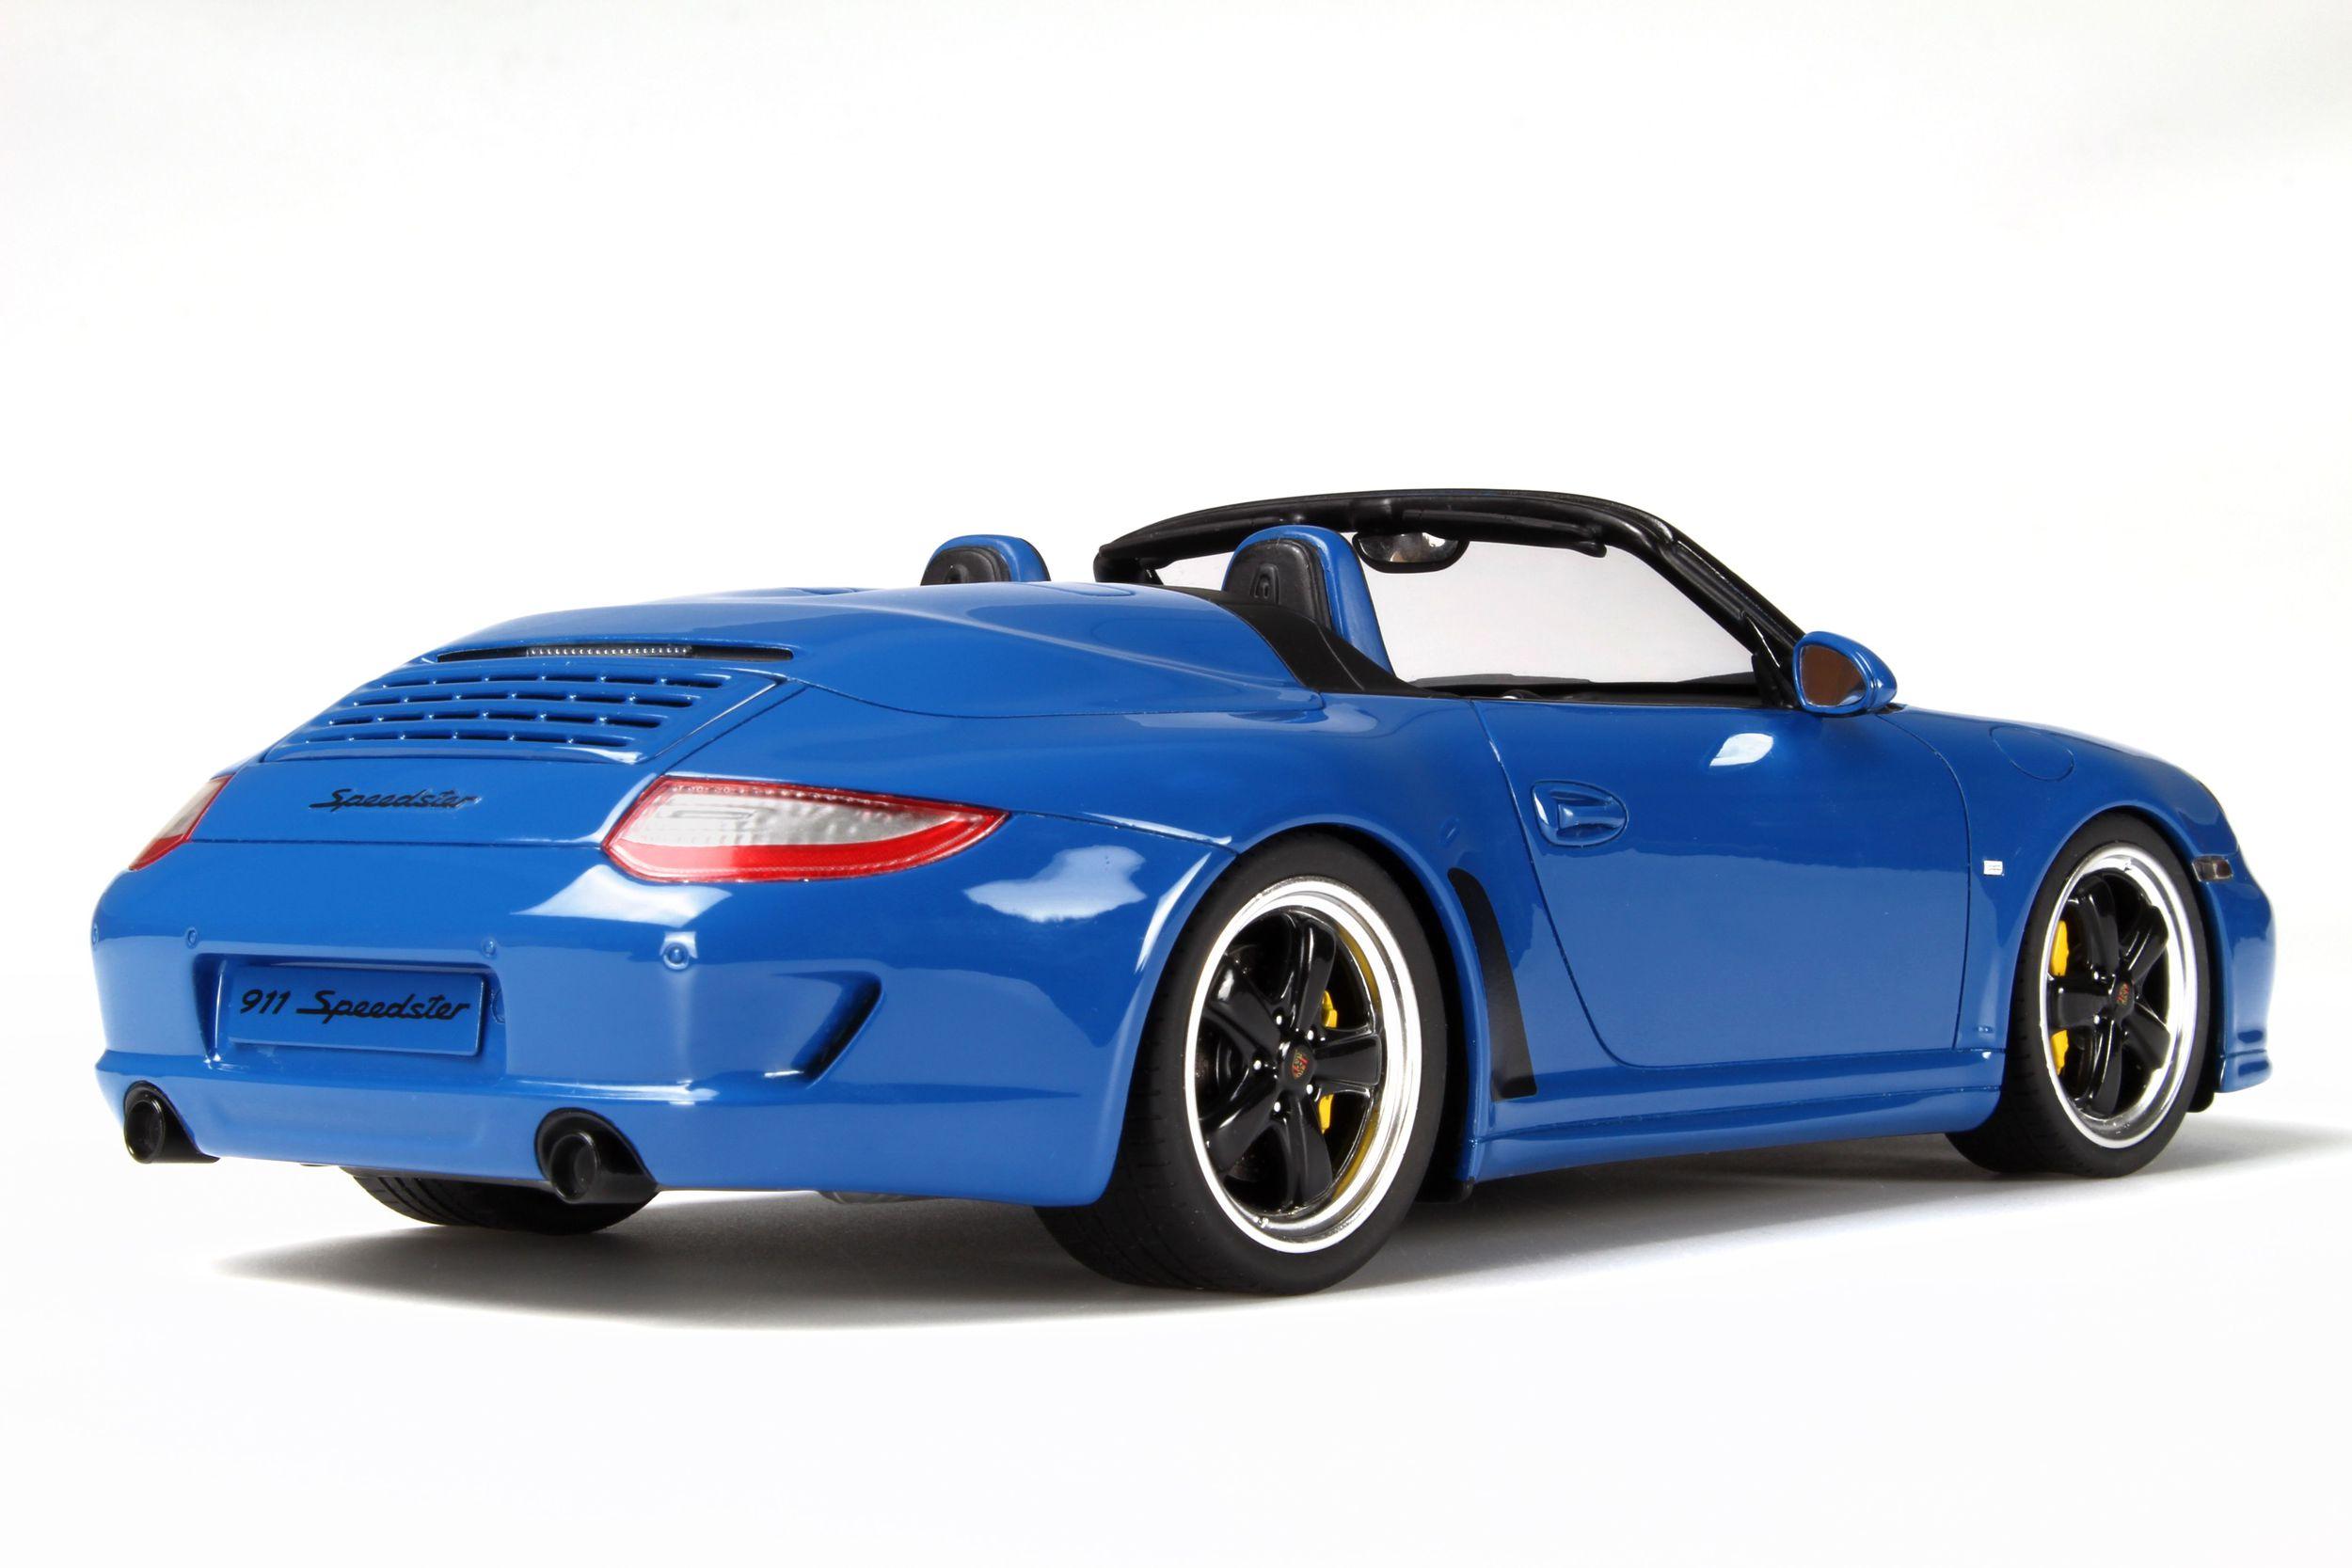 porsche 911 997 speedster model car collection gt spirit. Black Bedroom Furniture Sets. Home Design Ideas